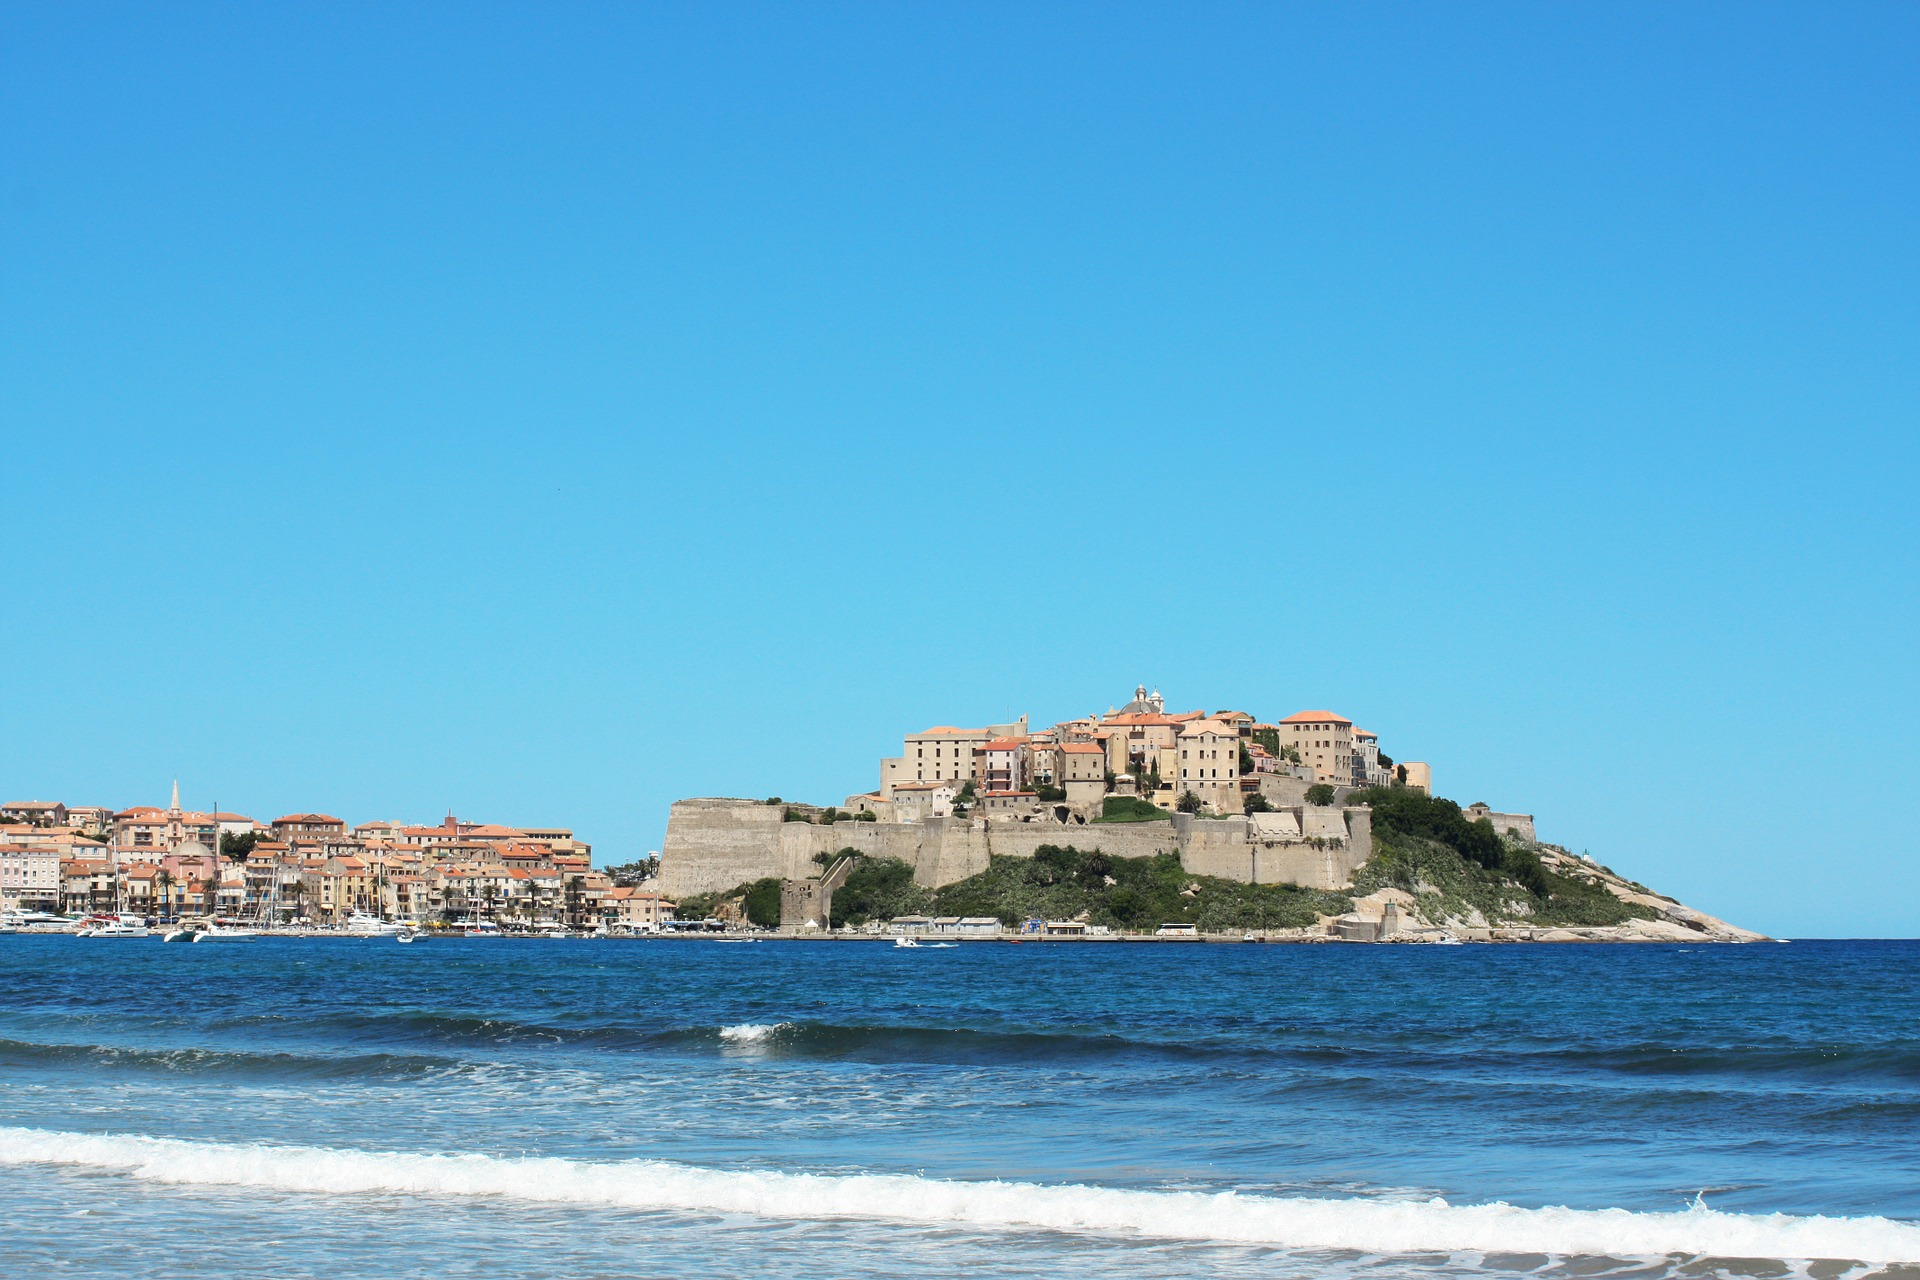 Partir en Corse en ferry avec son fourgon aménagé